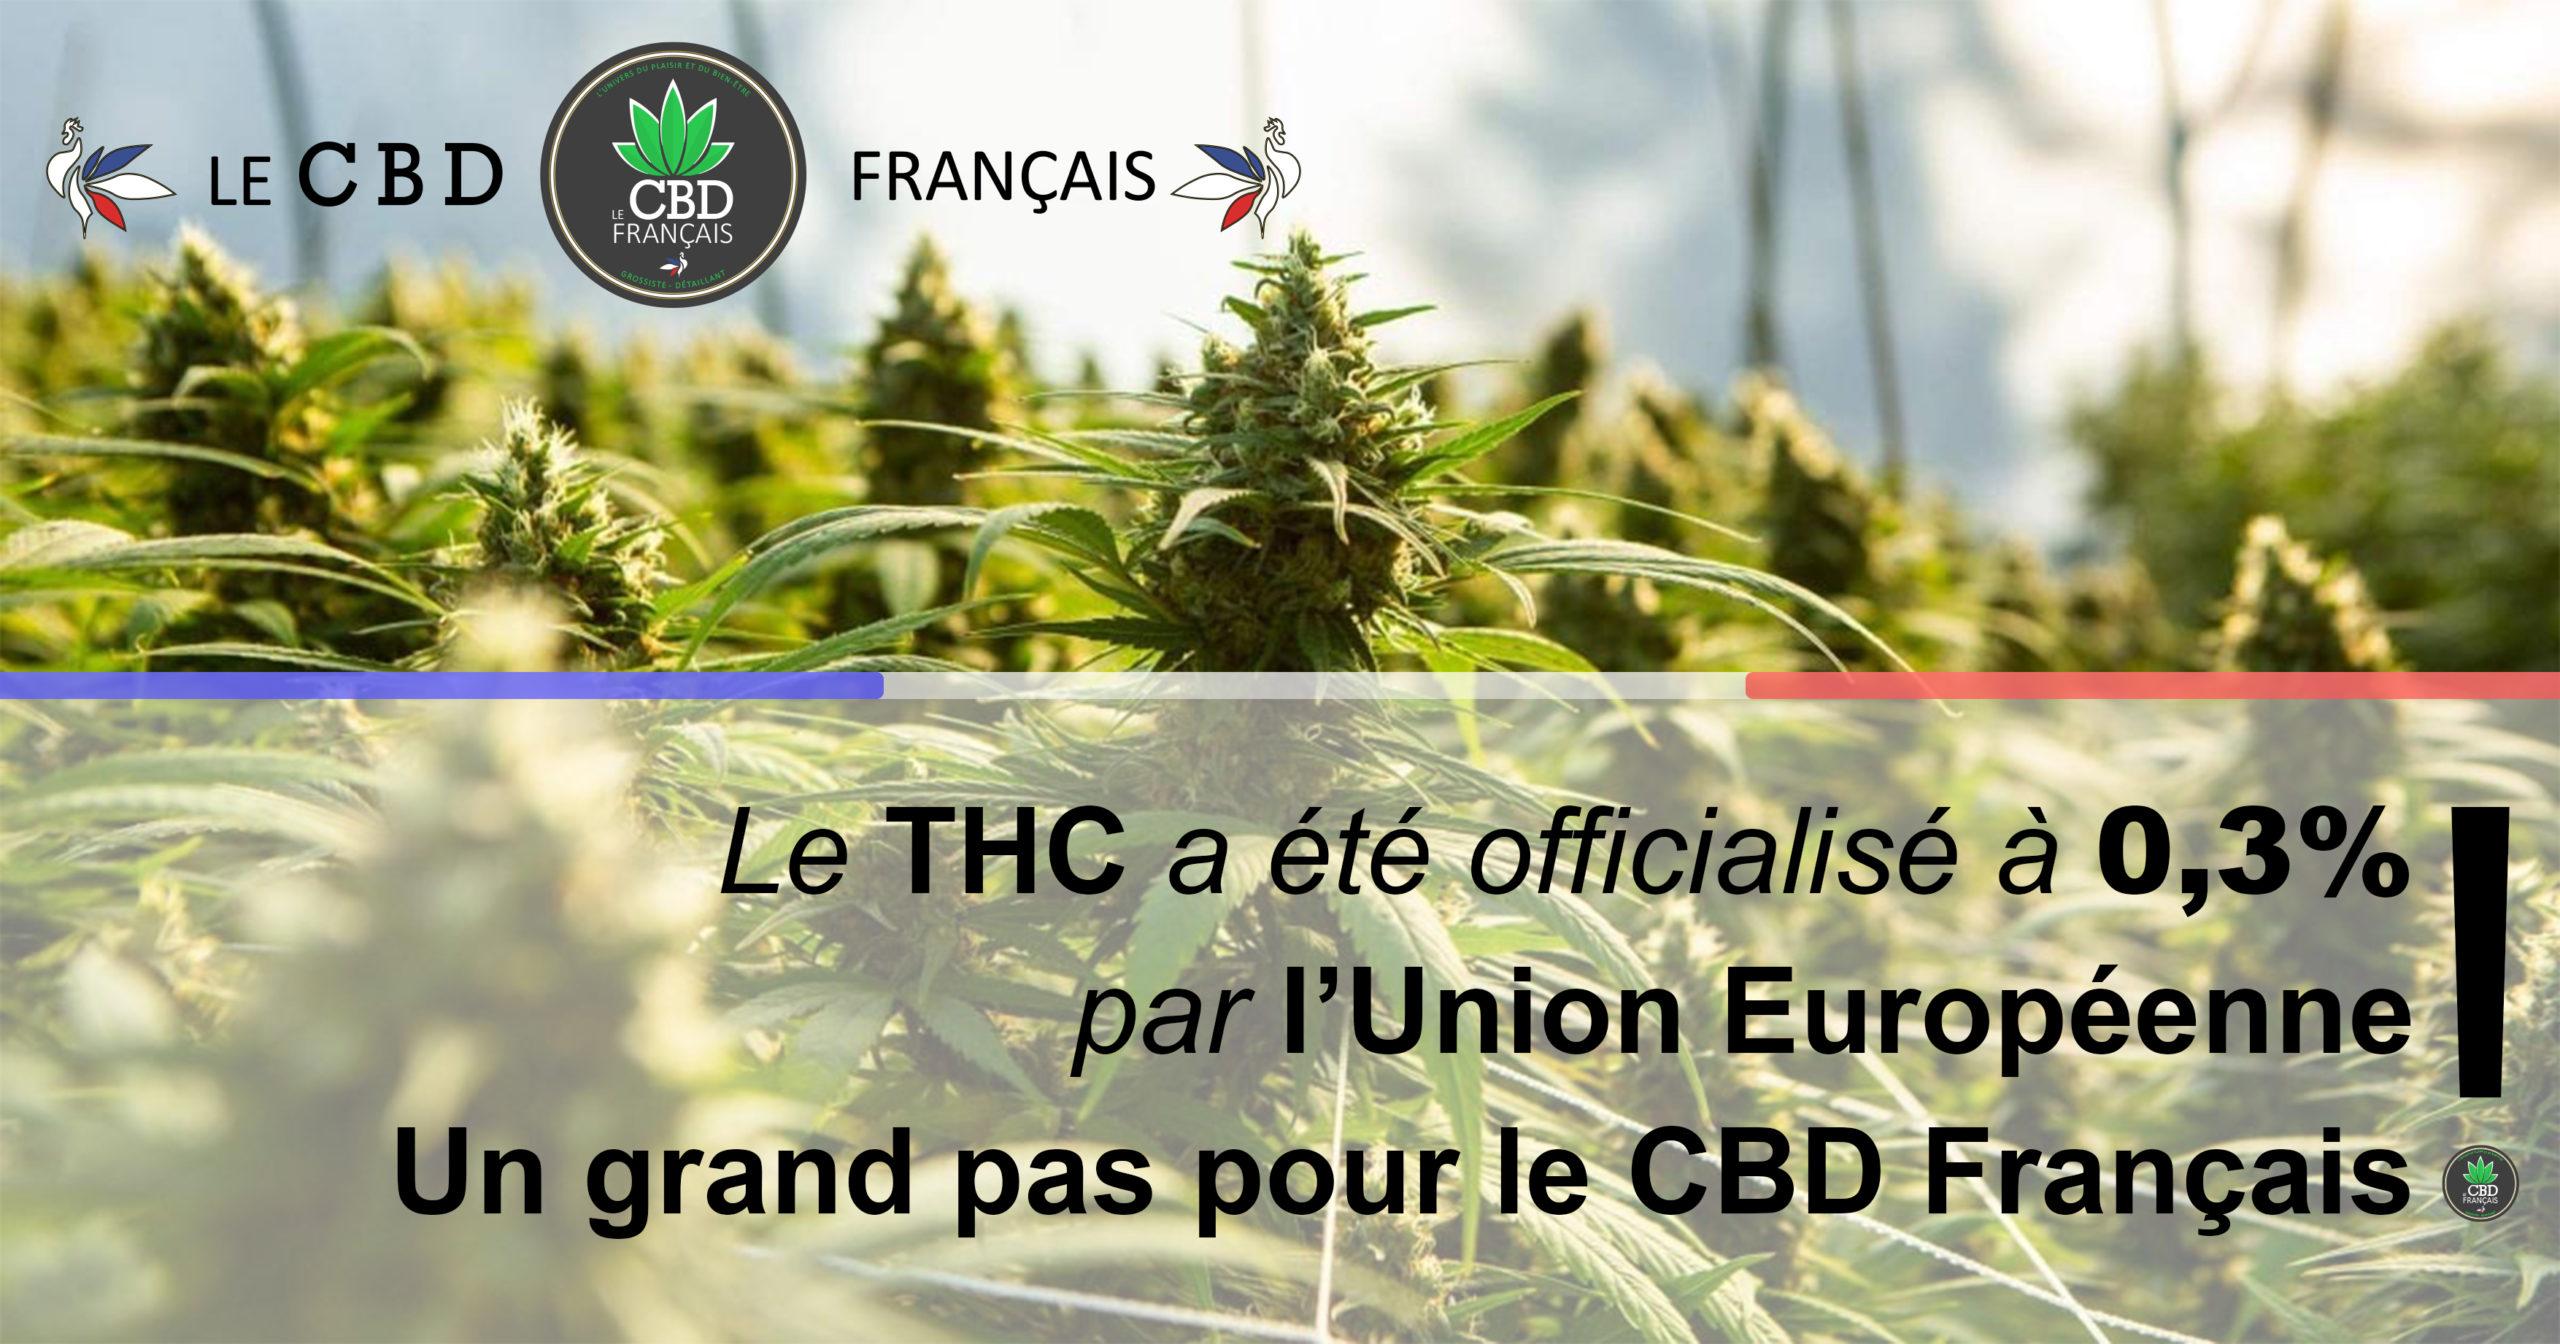 Le THC en Europe est désormais autorisé jusqu'à 0,3%!